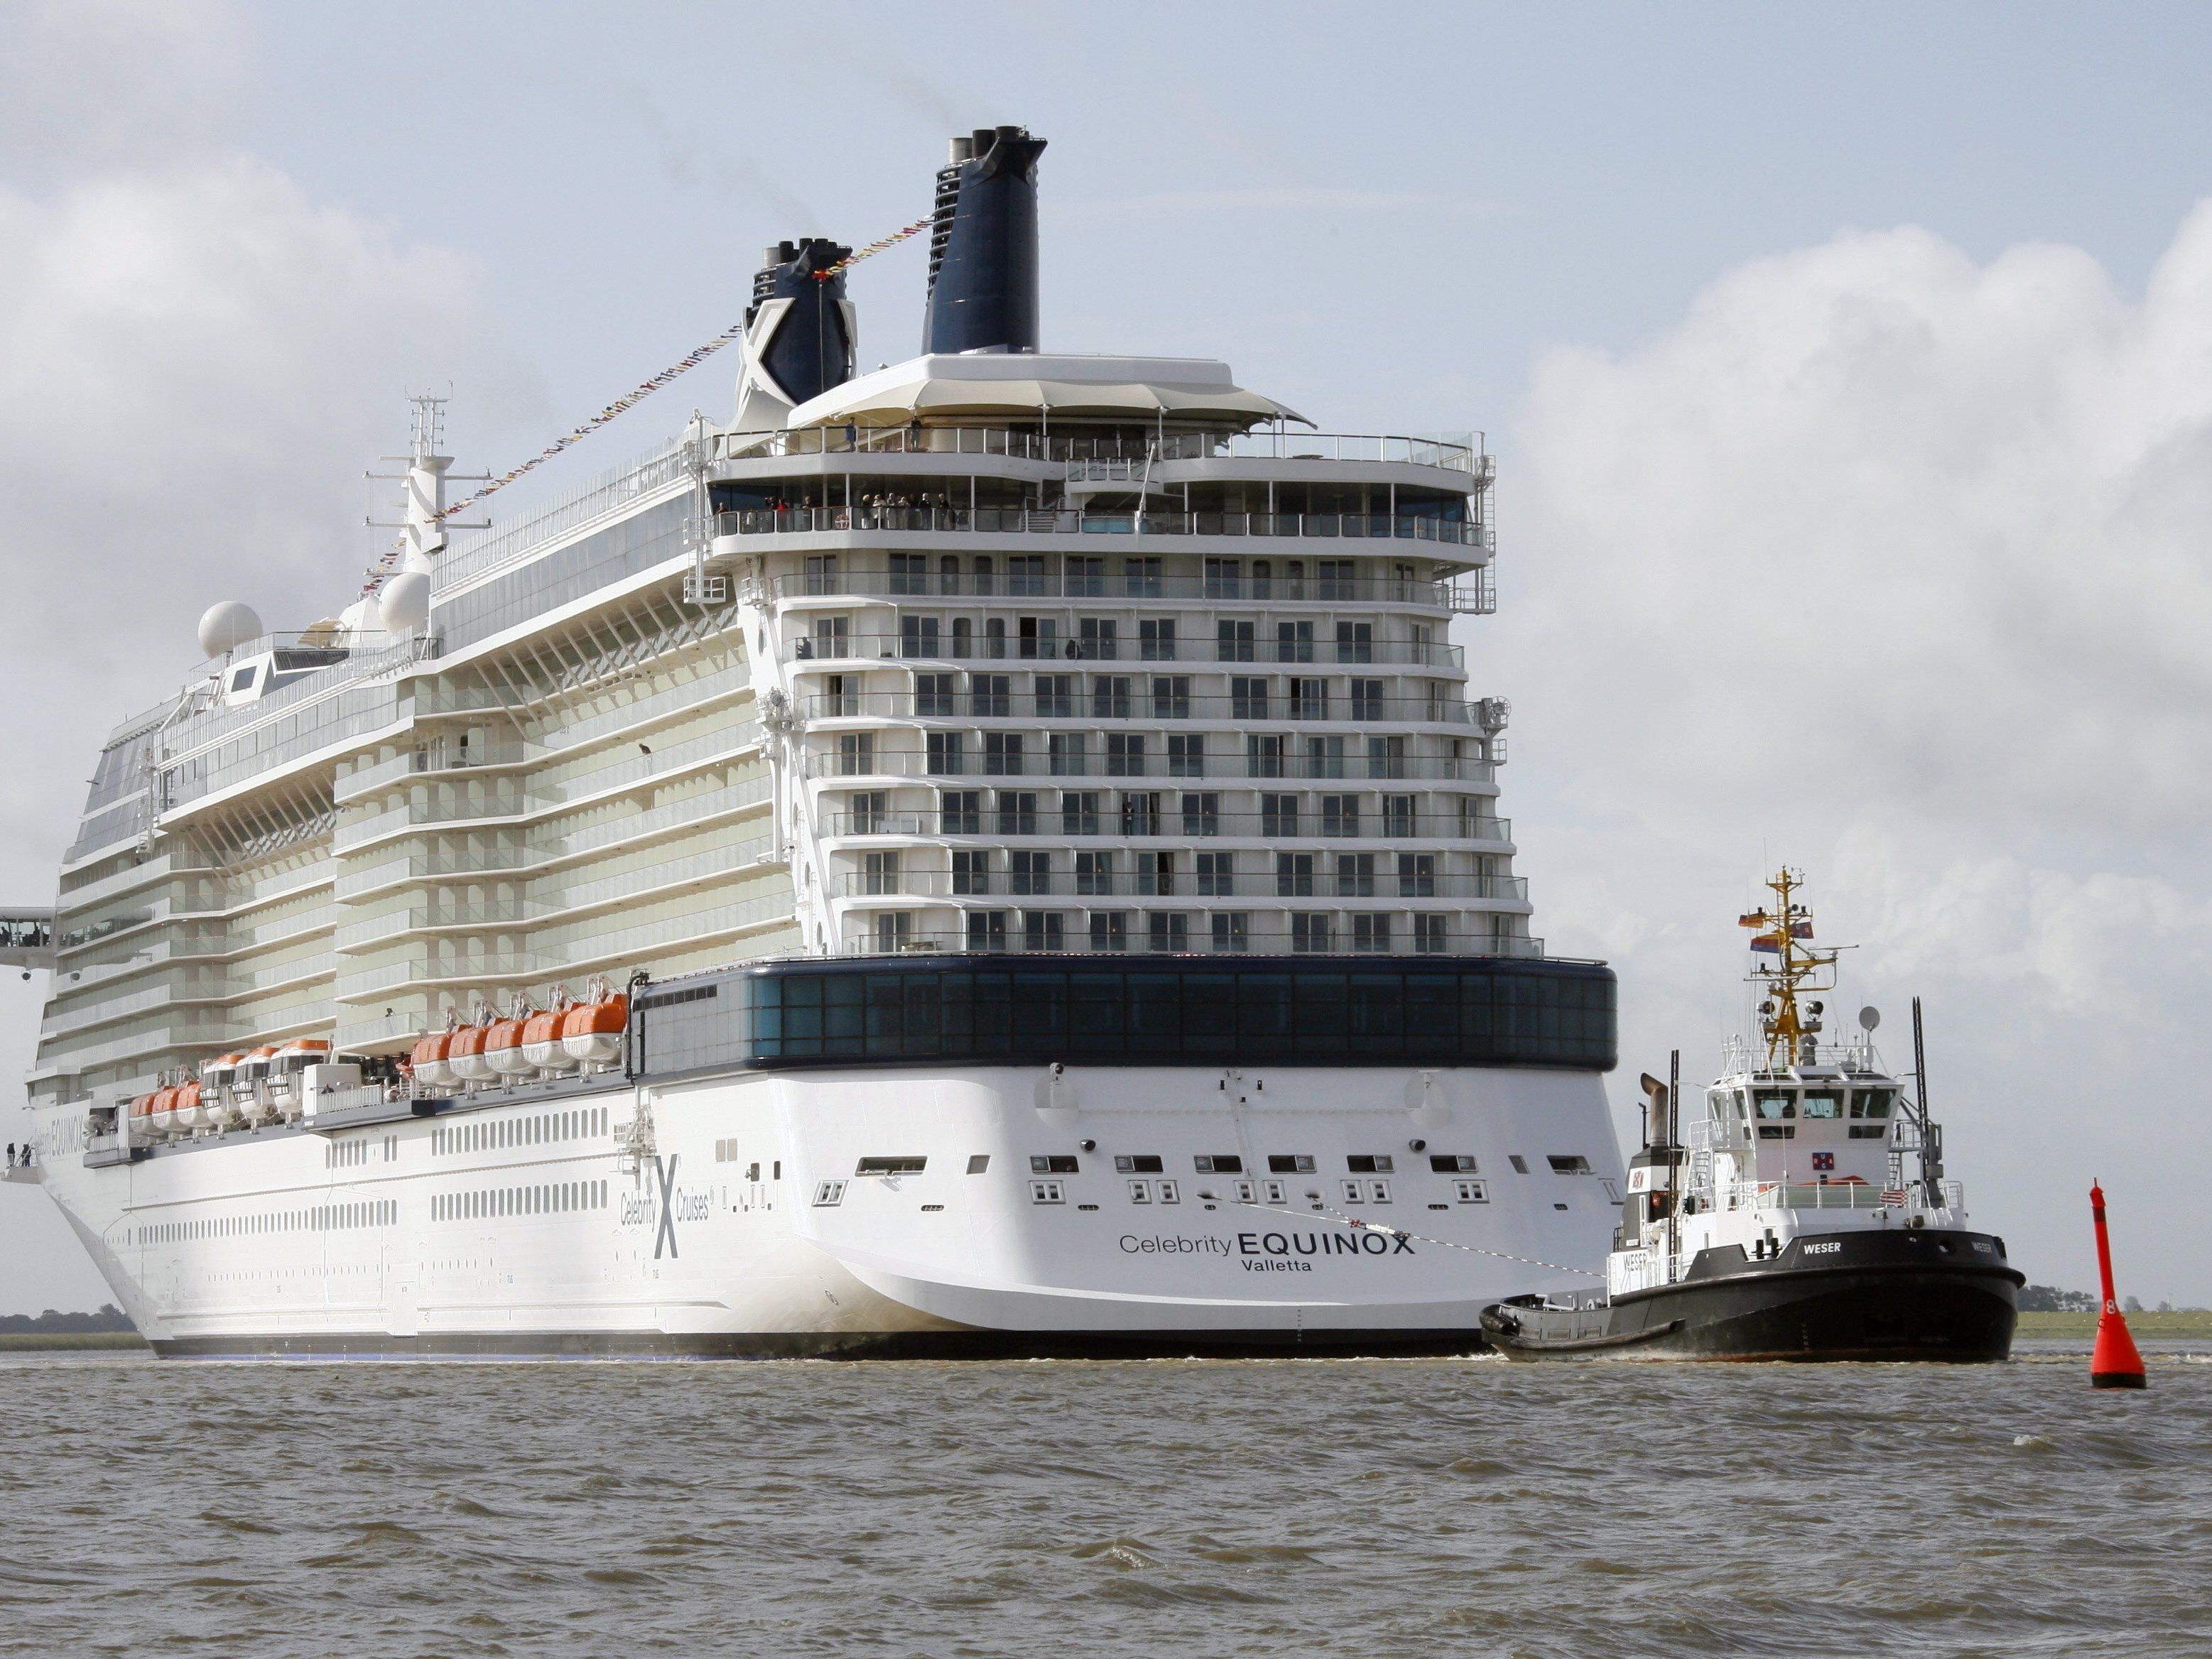 Auf einem Kreuzfahrtschiff passierte das Ehedrama.